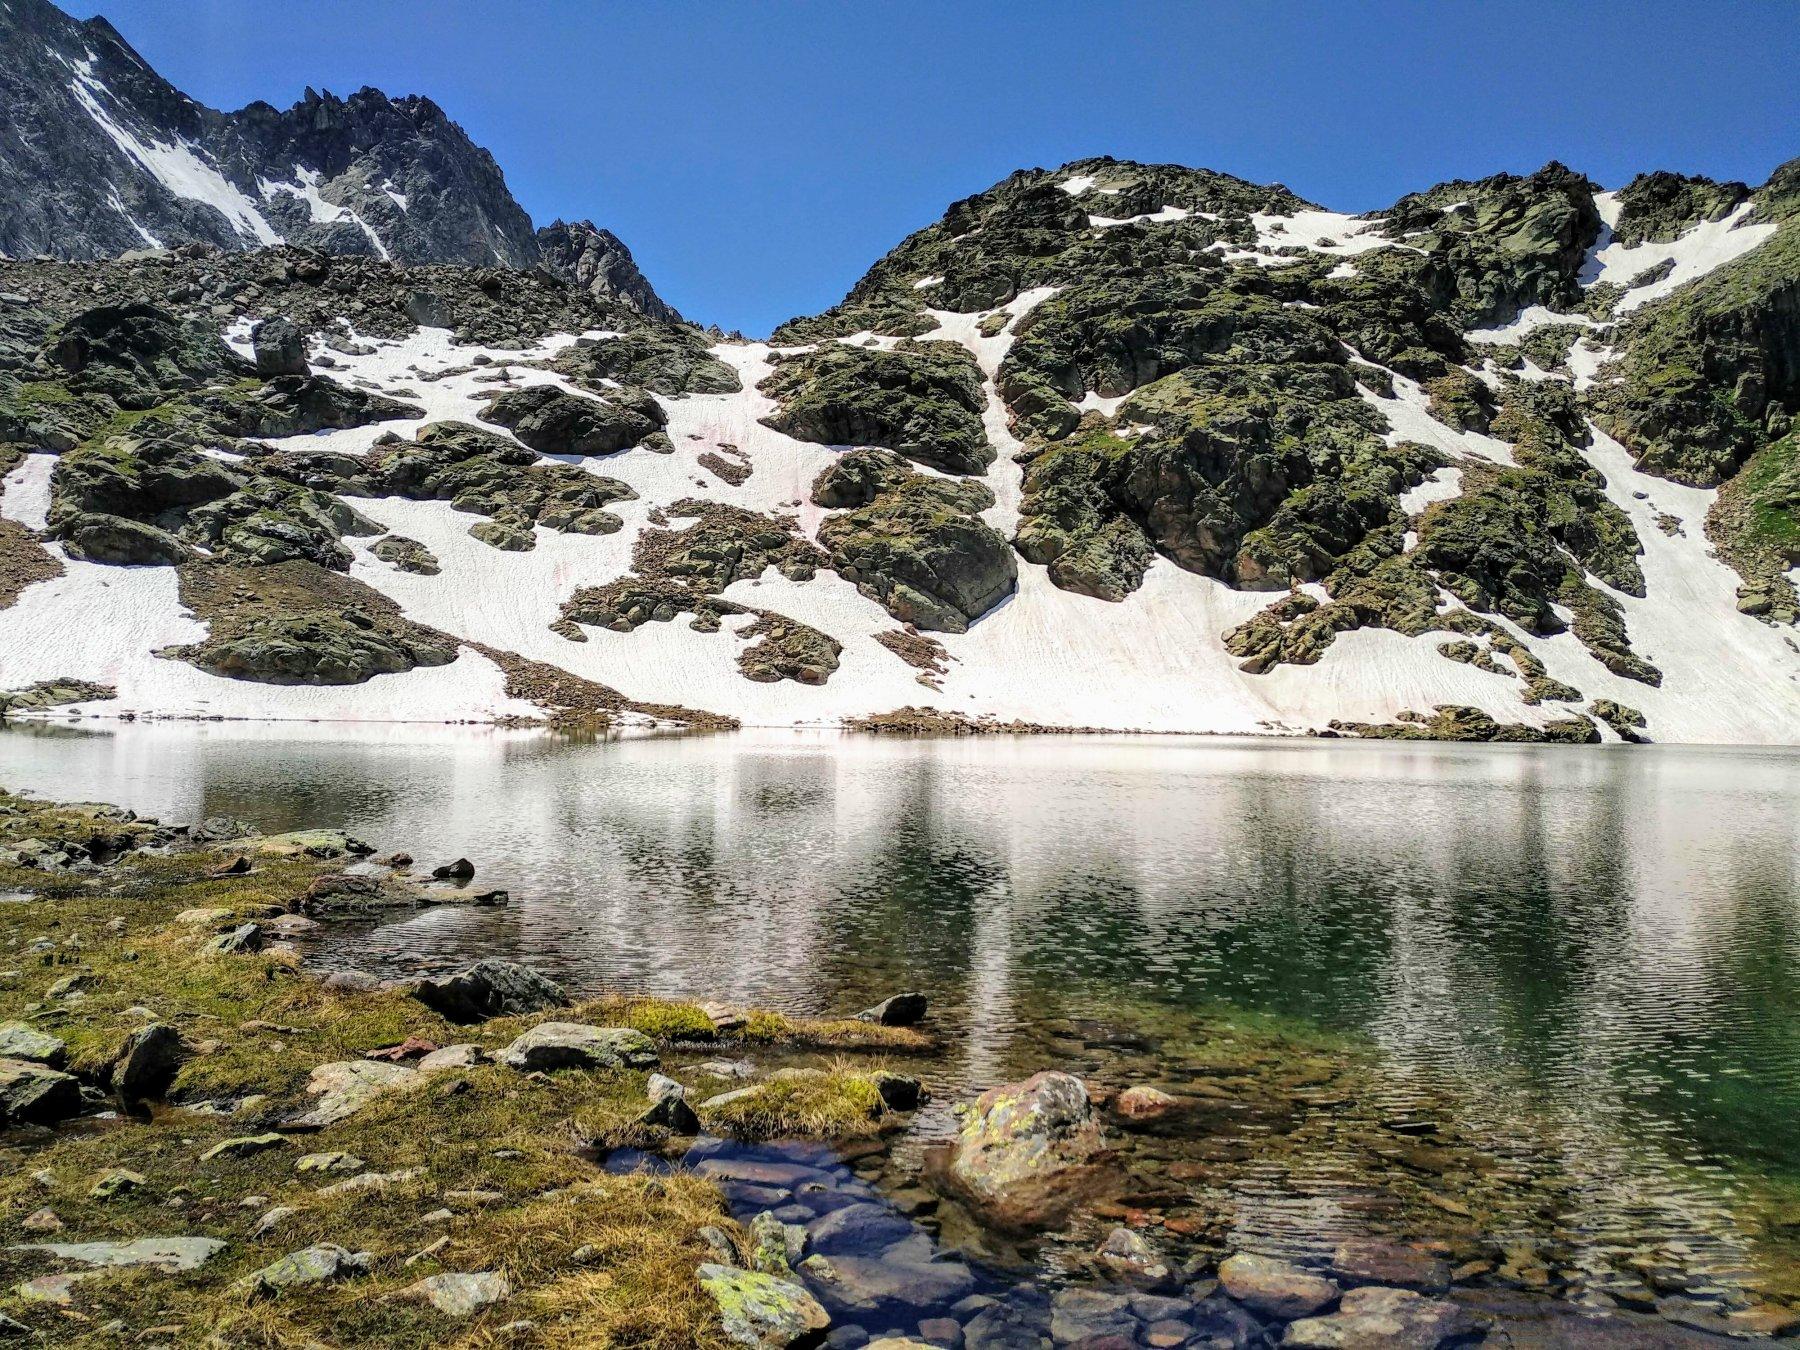 il lago mediano di lussert